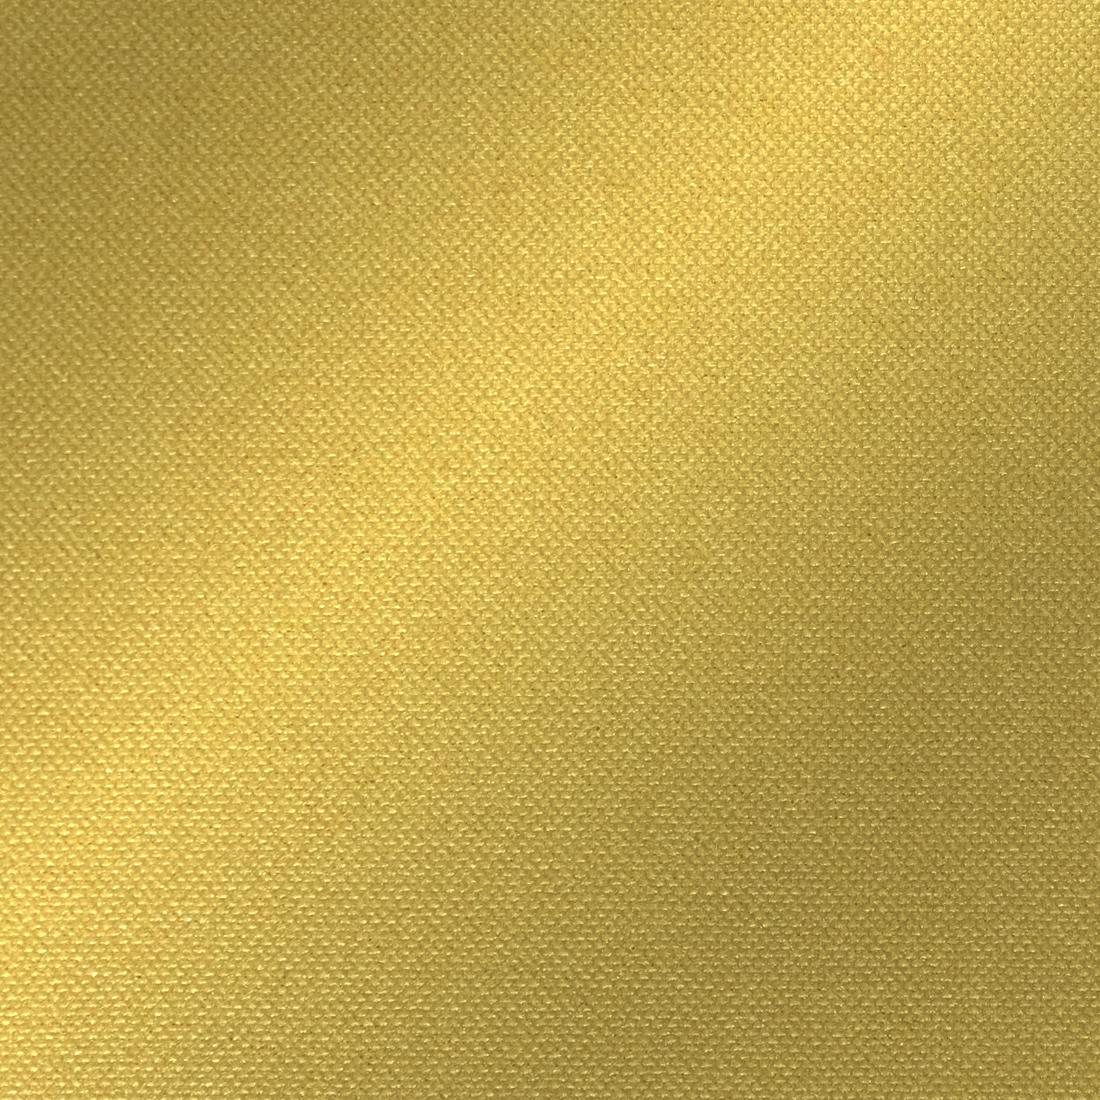 680_033C_Gold